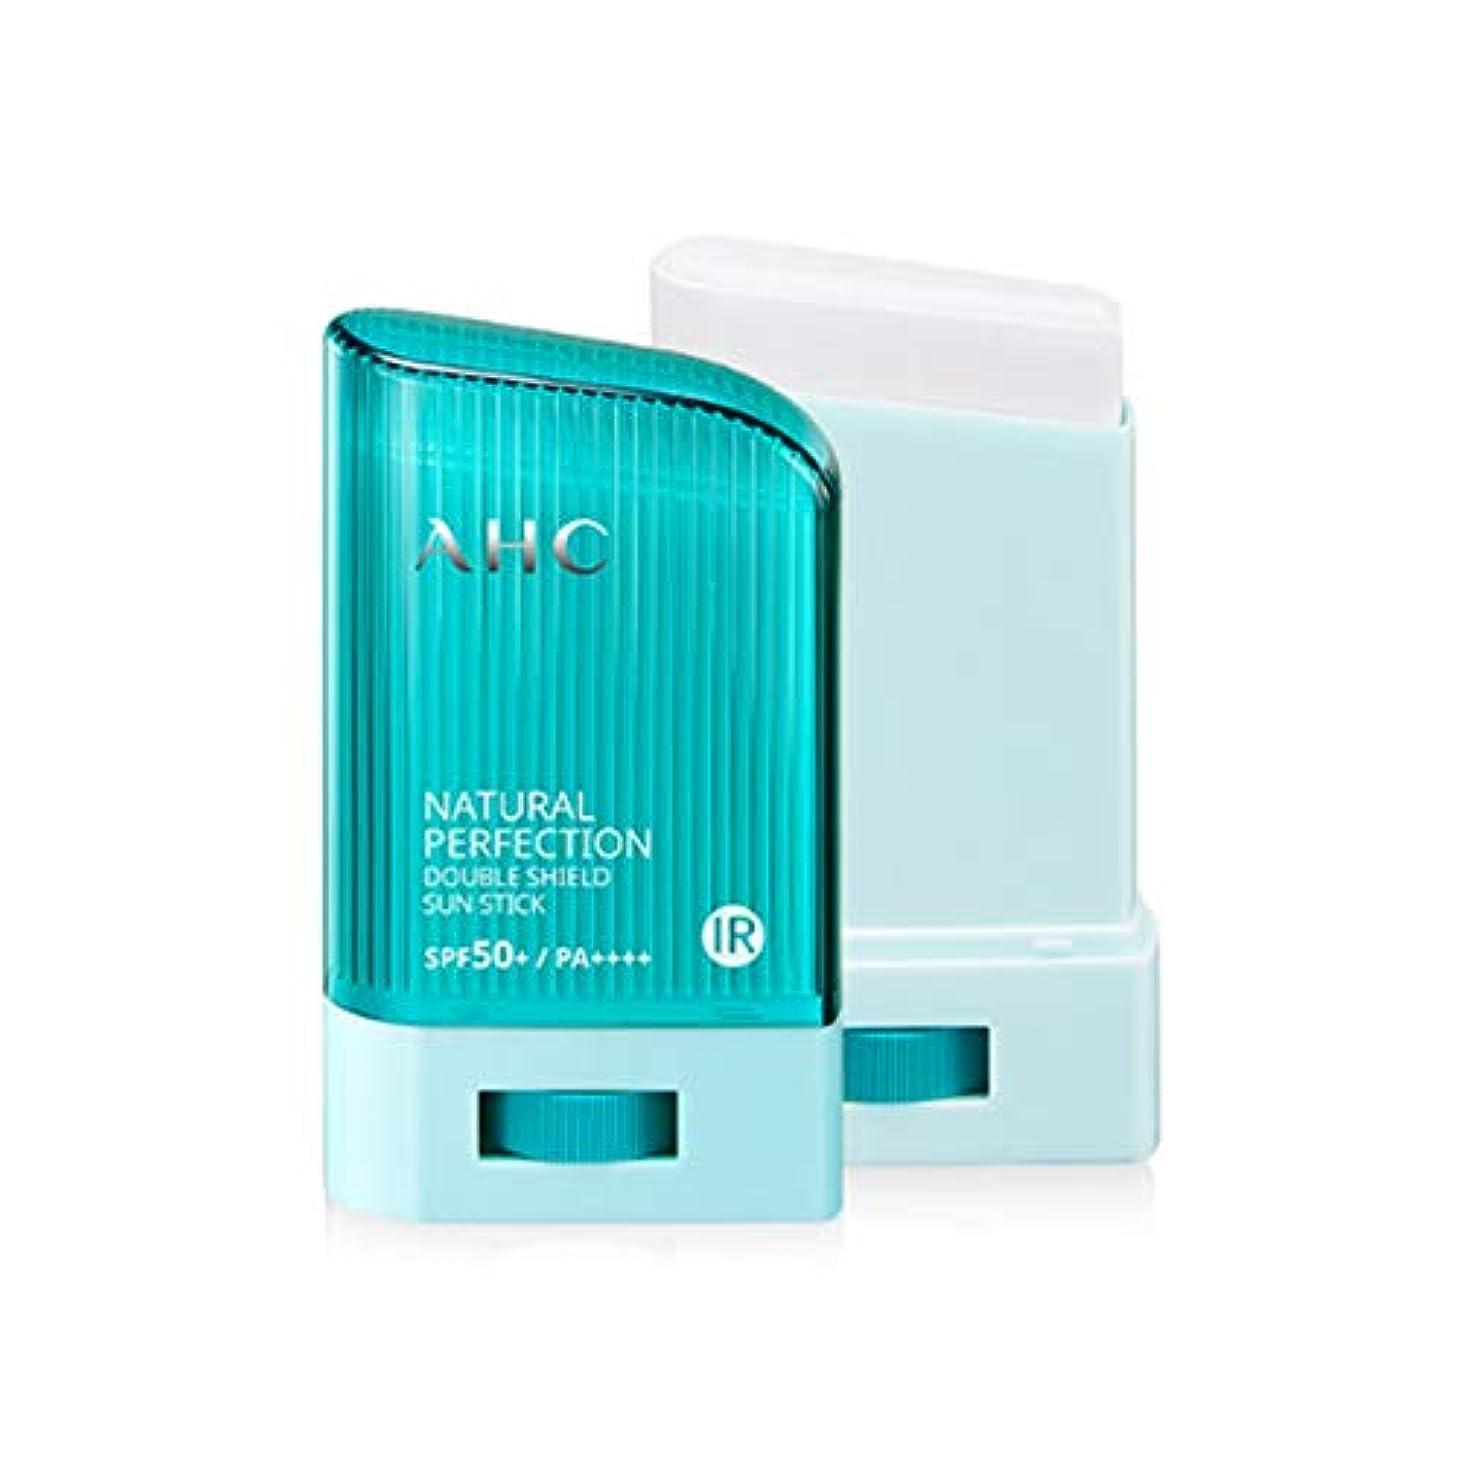 チャットシンク枕AHC ナチュラルパーフェクションダブルシールドサンスティック ブルー Natural Perfection Double Shield Sun Stick BLUE [並行輸入品] (22g)